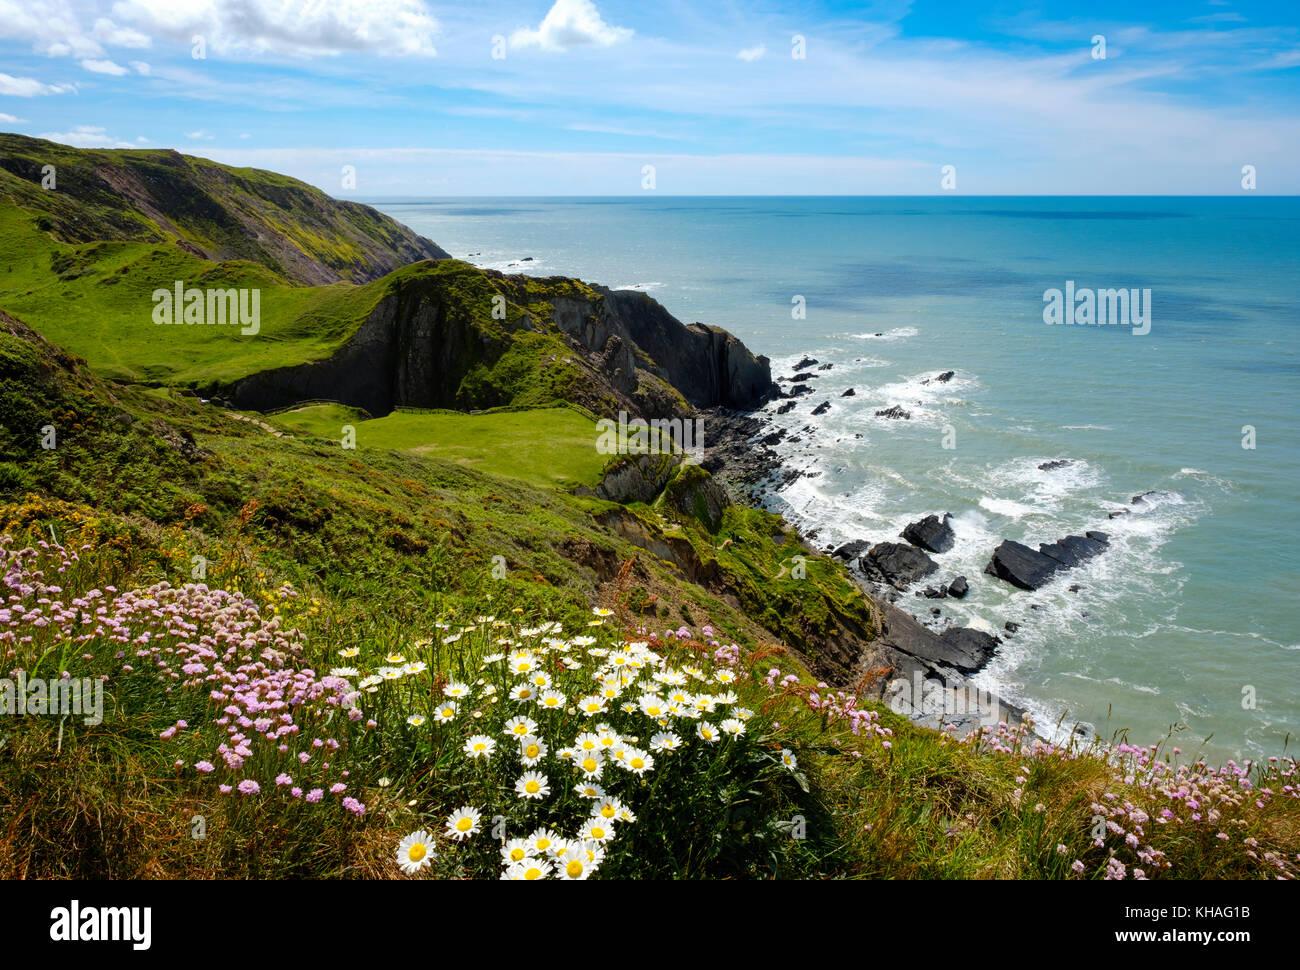 Steilküsten, Hartland Quay, Hartland, Devon, England, Großbritannien Stockbild